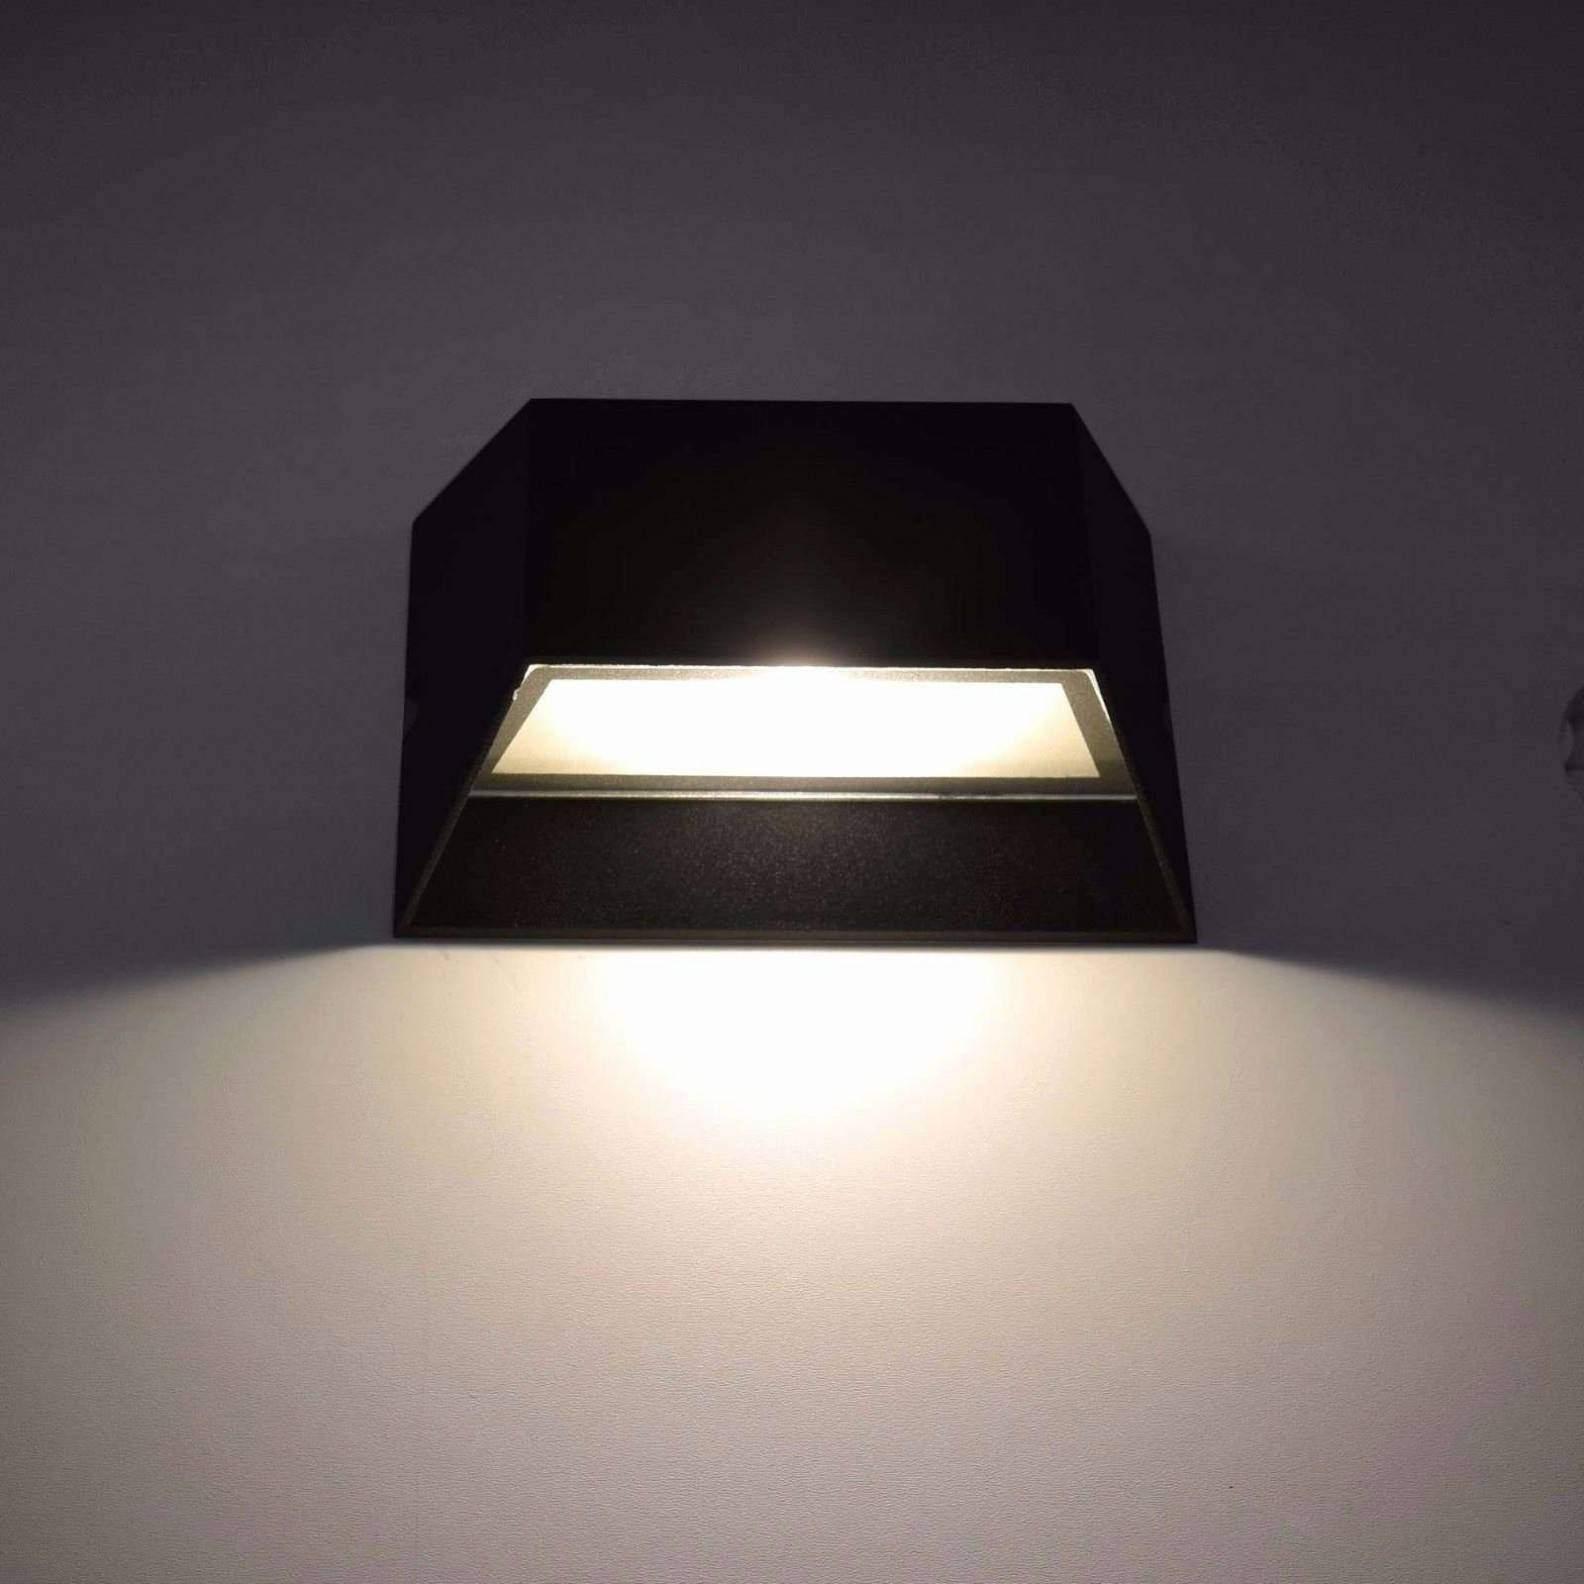 Full Size of Deckenlampen Wohnzimmer Modern Modernes Bett Küche Weiss Deckenleuchte Schlafzimmer Esstisch Moderne Esstische Landhausküche Deckenlampe Duschen Tapete Holz Wohnzimmer Deckenlampe Modern